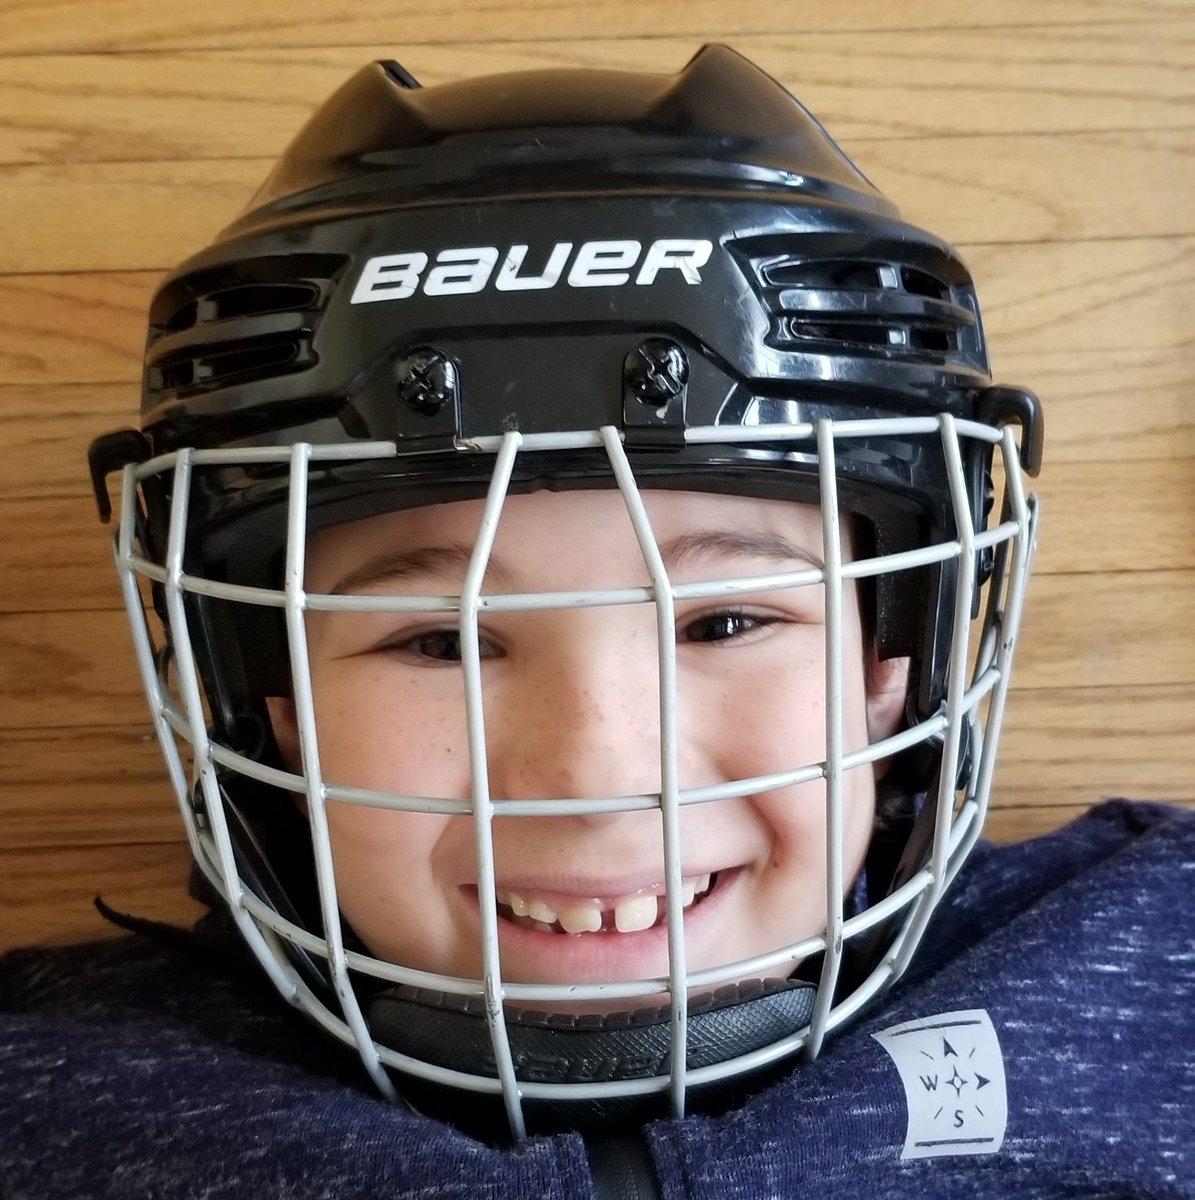 Always wear your helmet. #SafetyFirst #Helmet #Bauer pic.twitter.com/f8RWEC5qdX